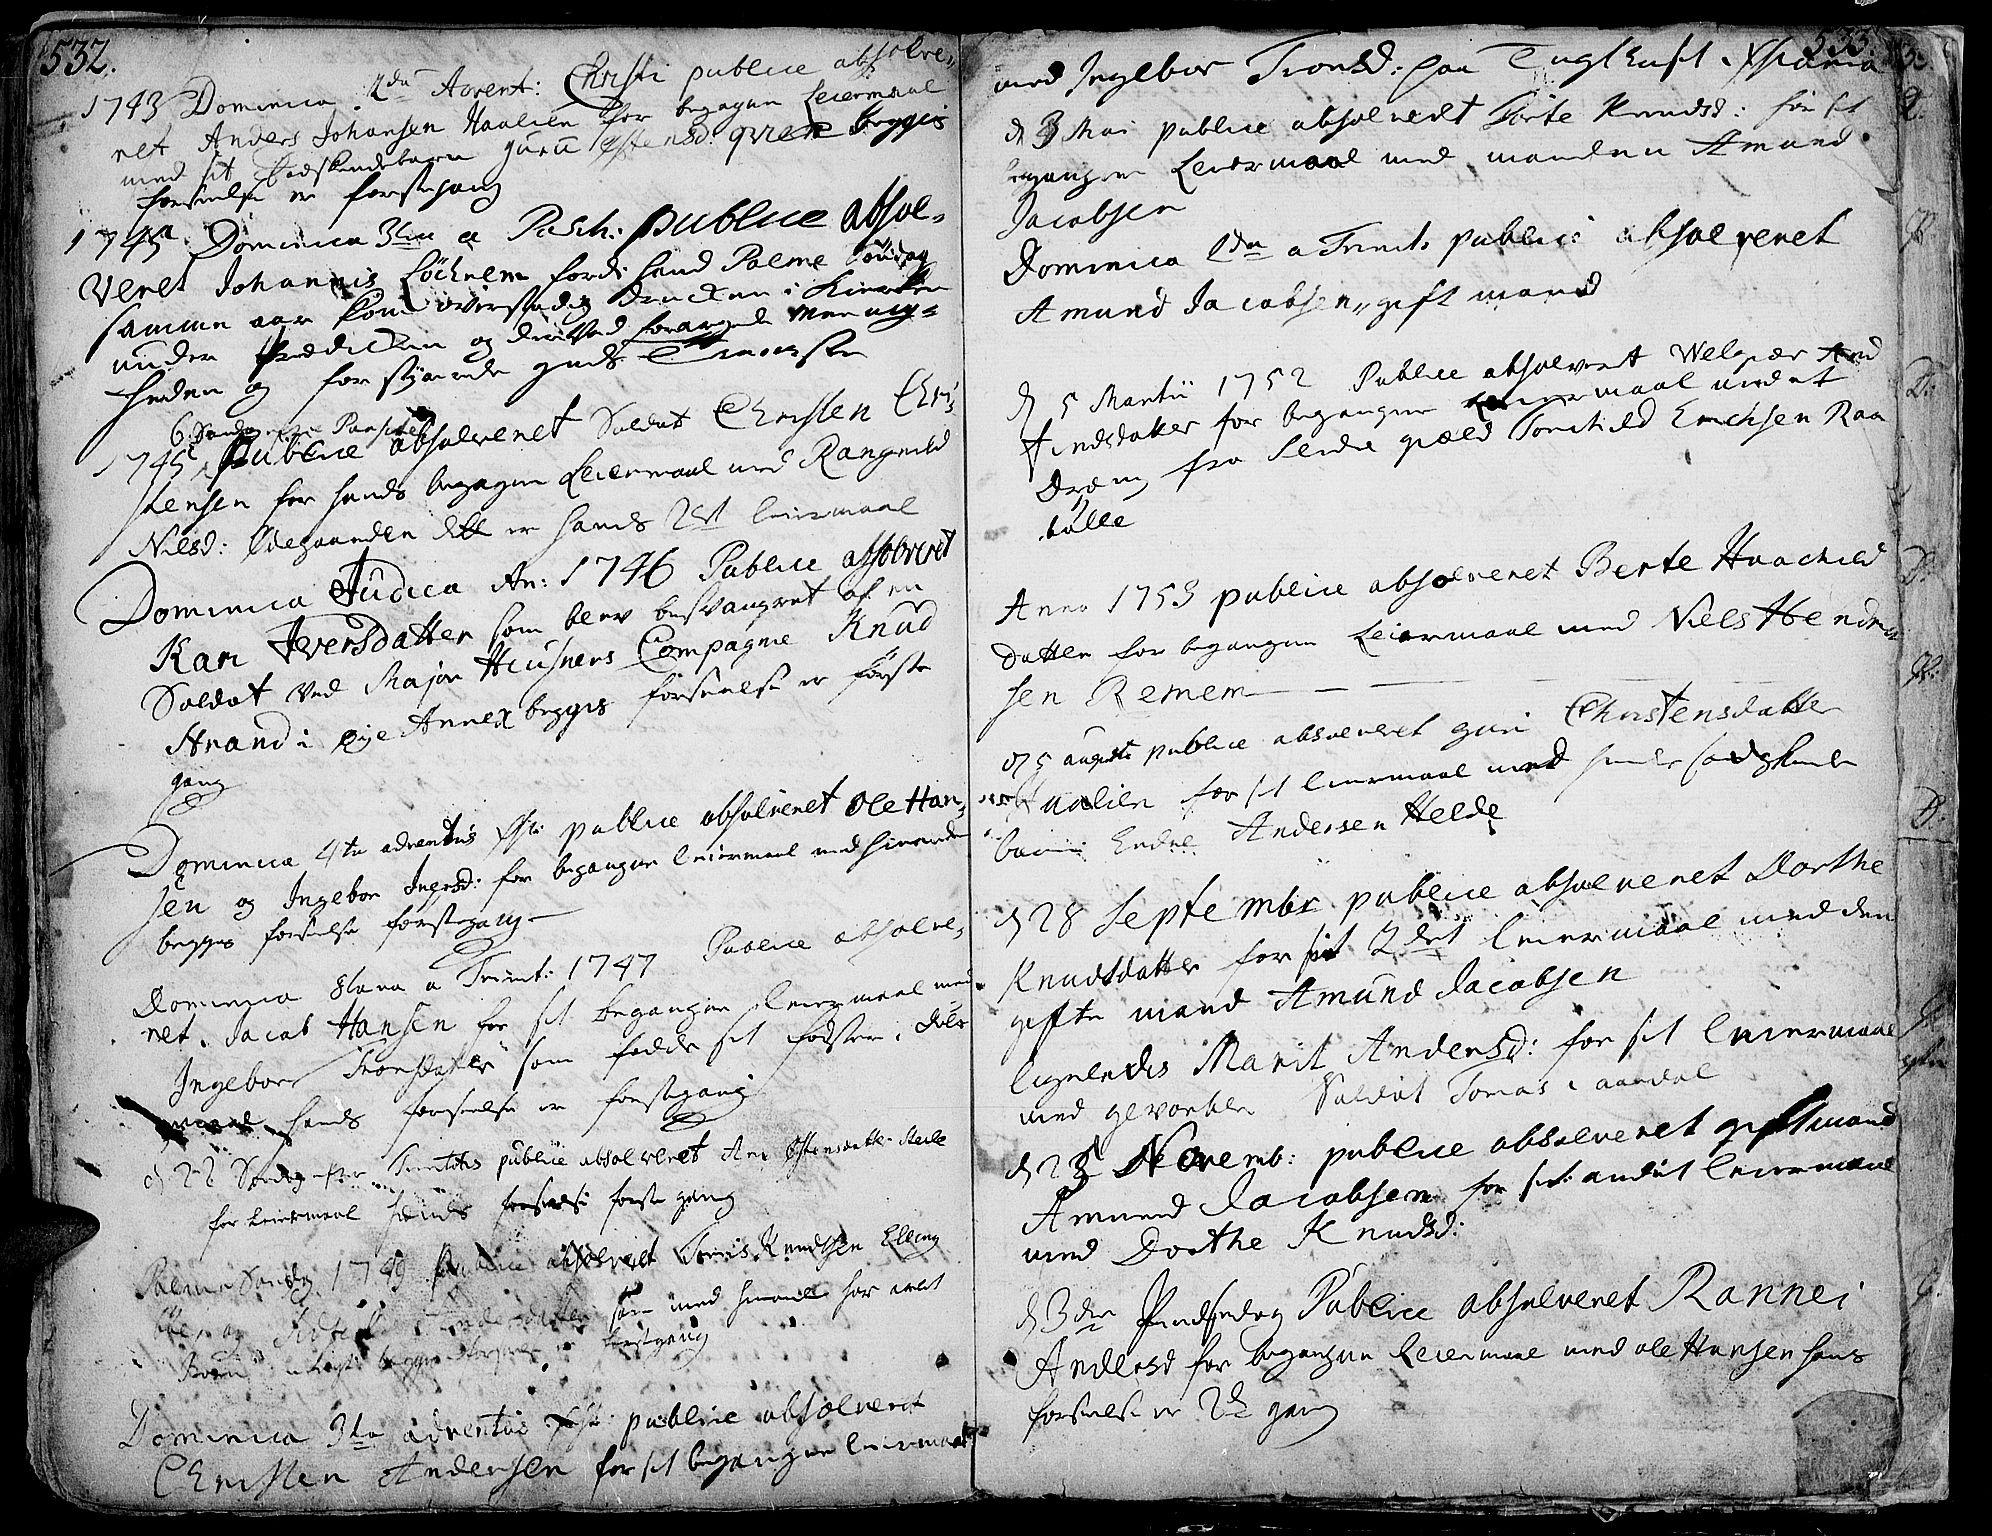 SAH, Vang prestekontor, Valdres, Ministerialbok nr. 1, 1730-1796, s. 532-533